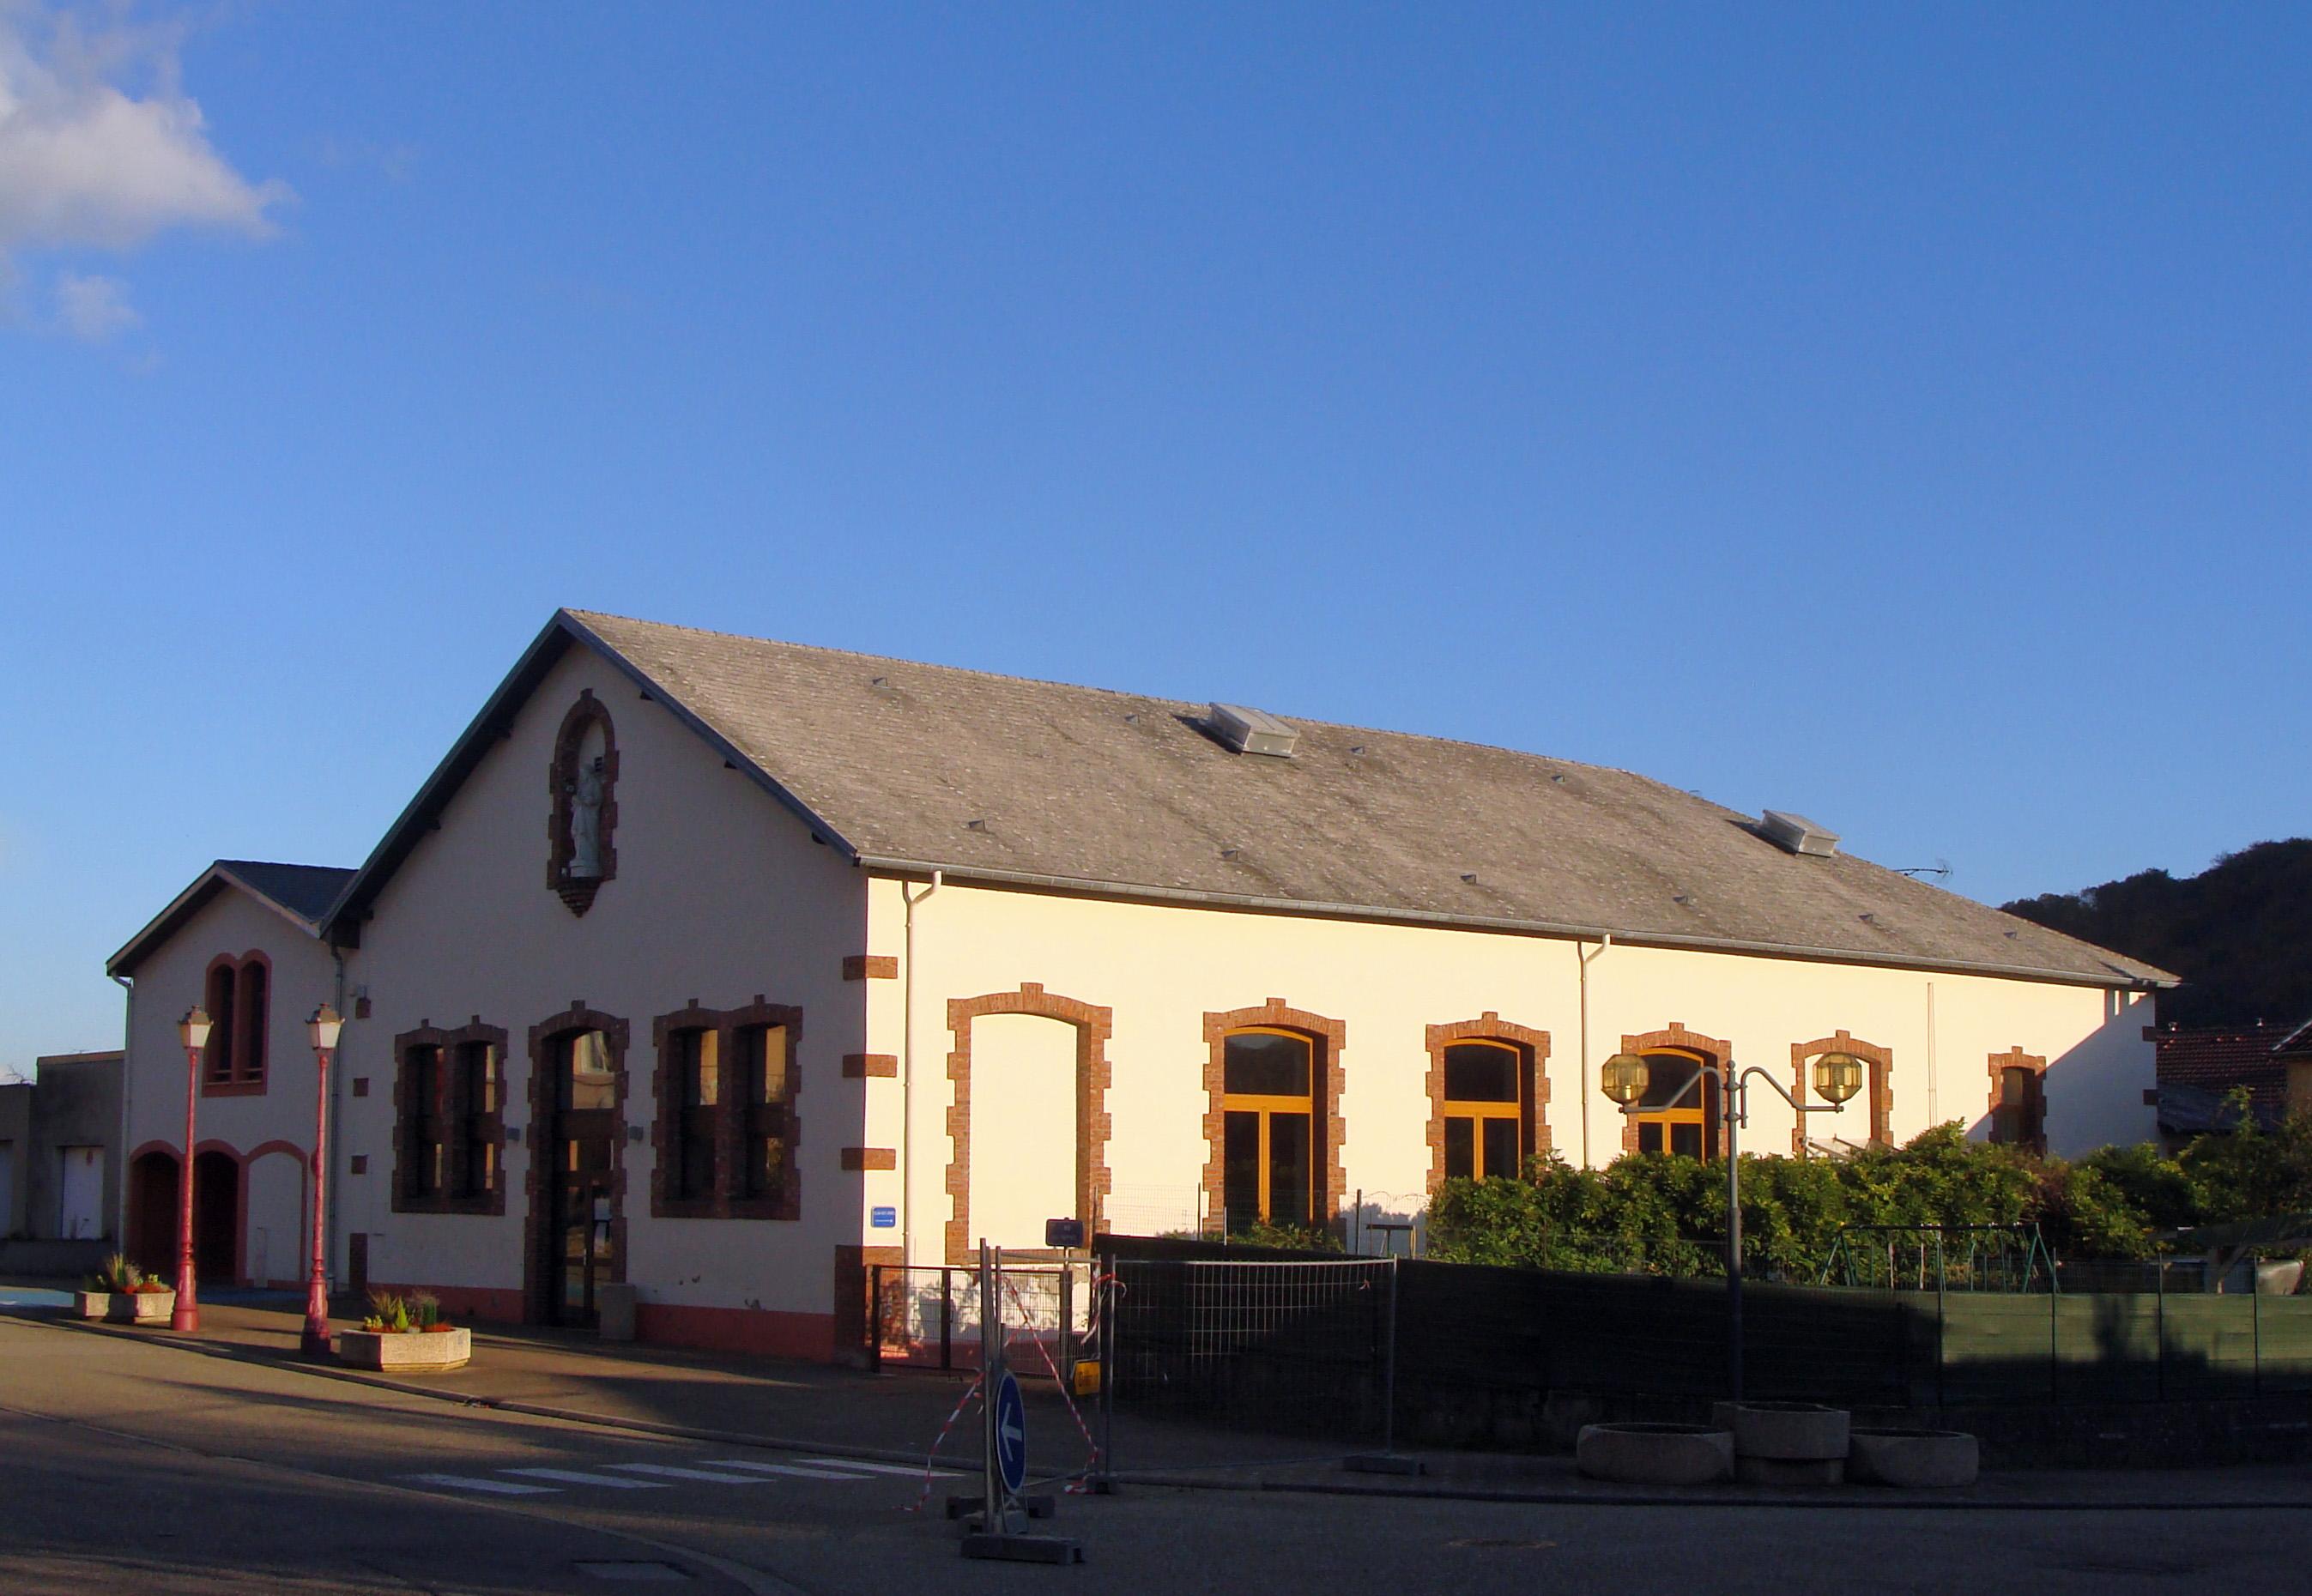 fichier:foyer saint-martin de longeville-lès-saint-avold — wikipédia